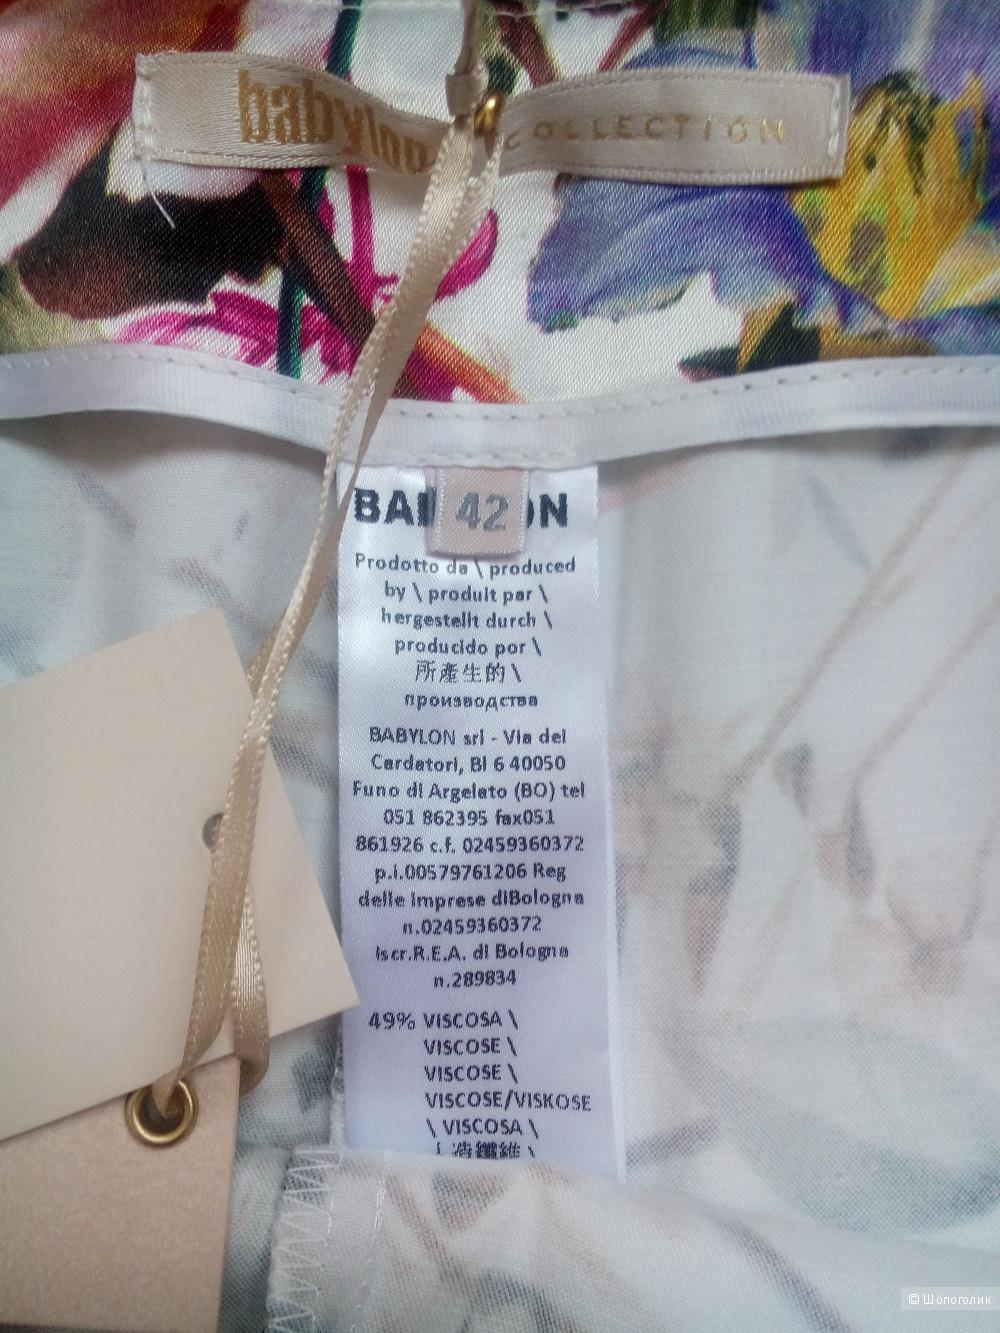 Брюки белые  цветочный принт BABYLON Италия в размере 42 ИТ(42-44 росс)